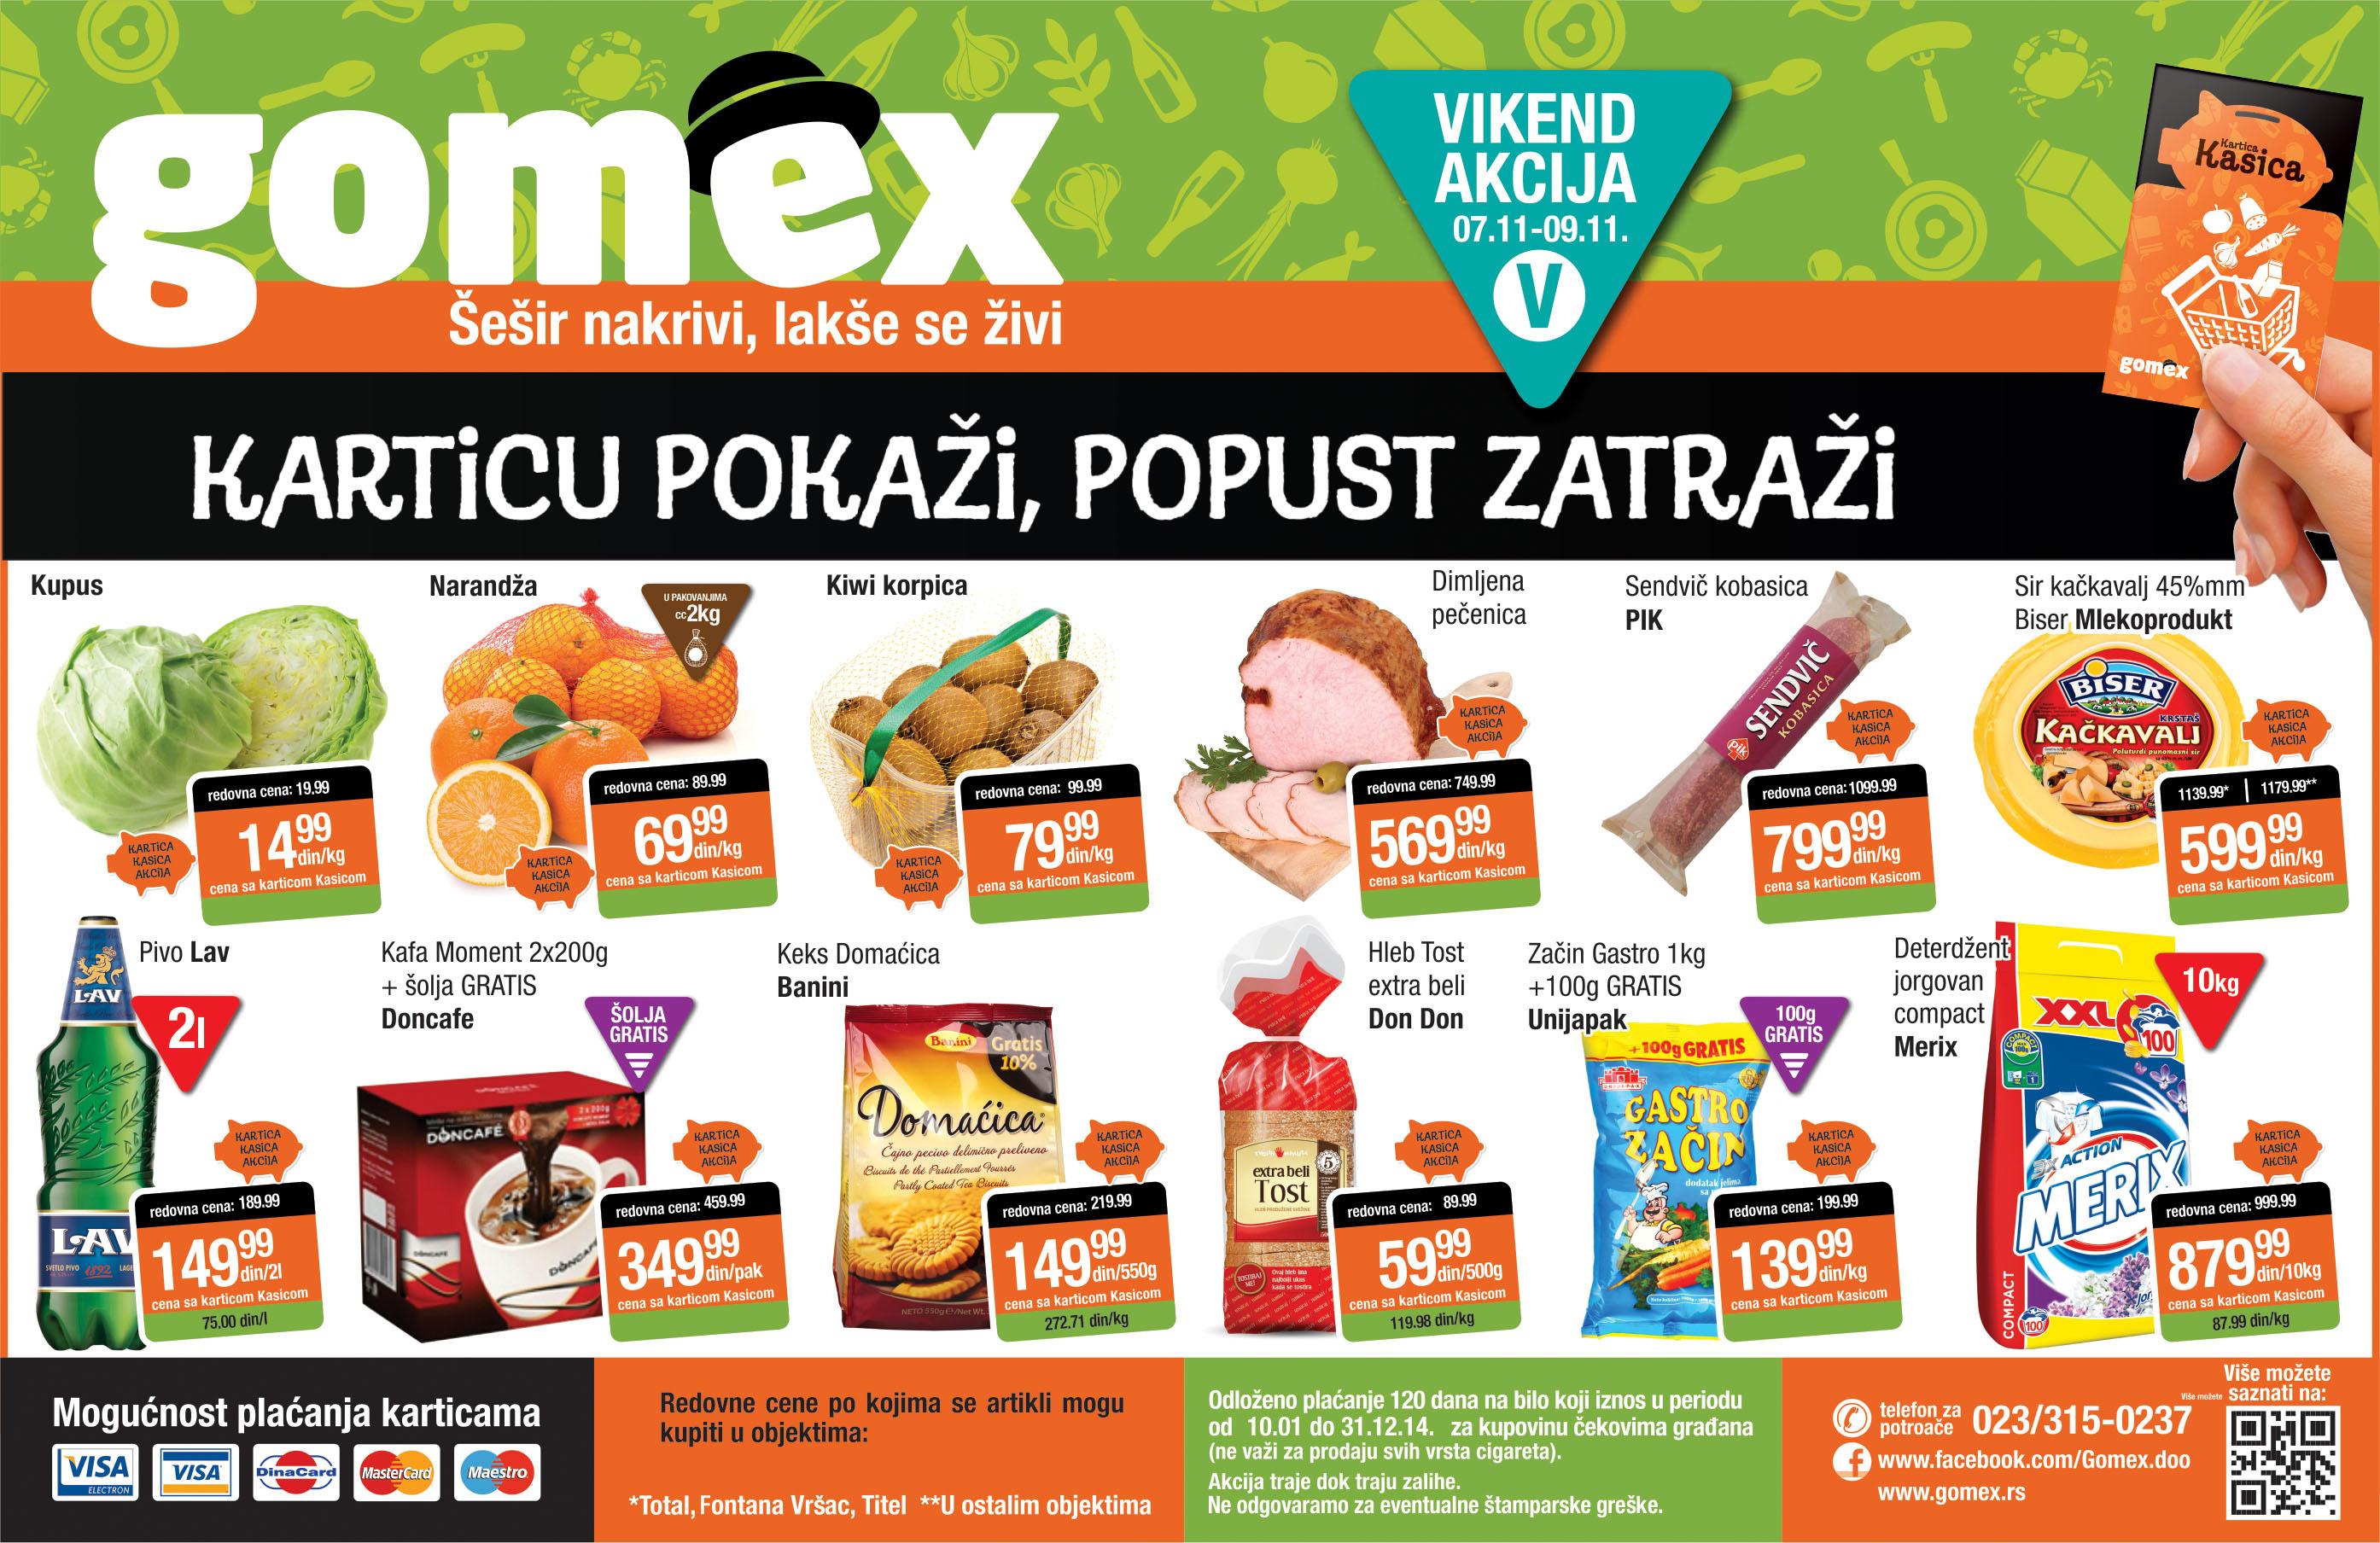 Gomex akcija vikend odlične ponude za vas